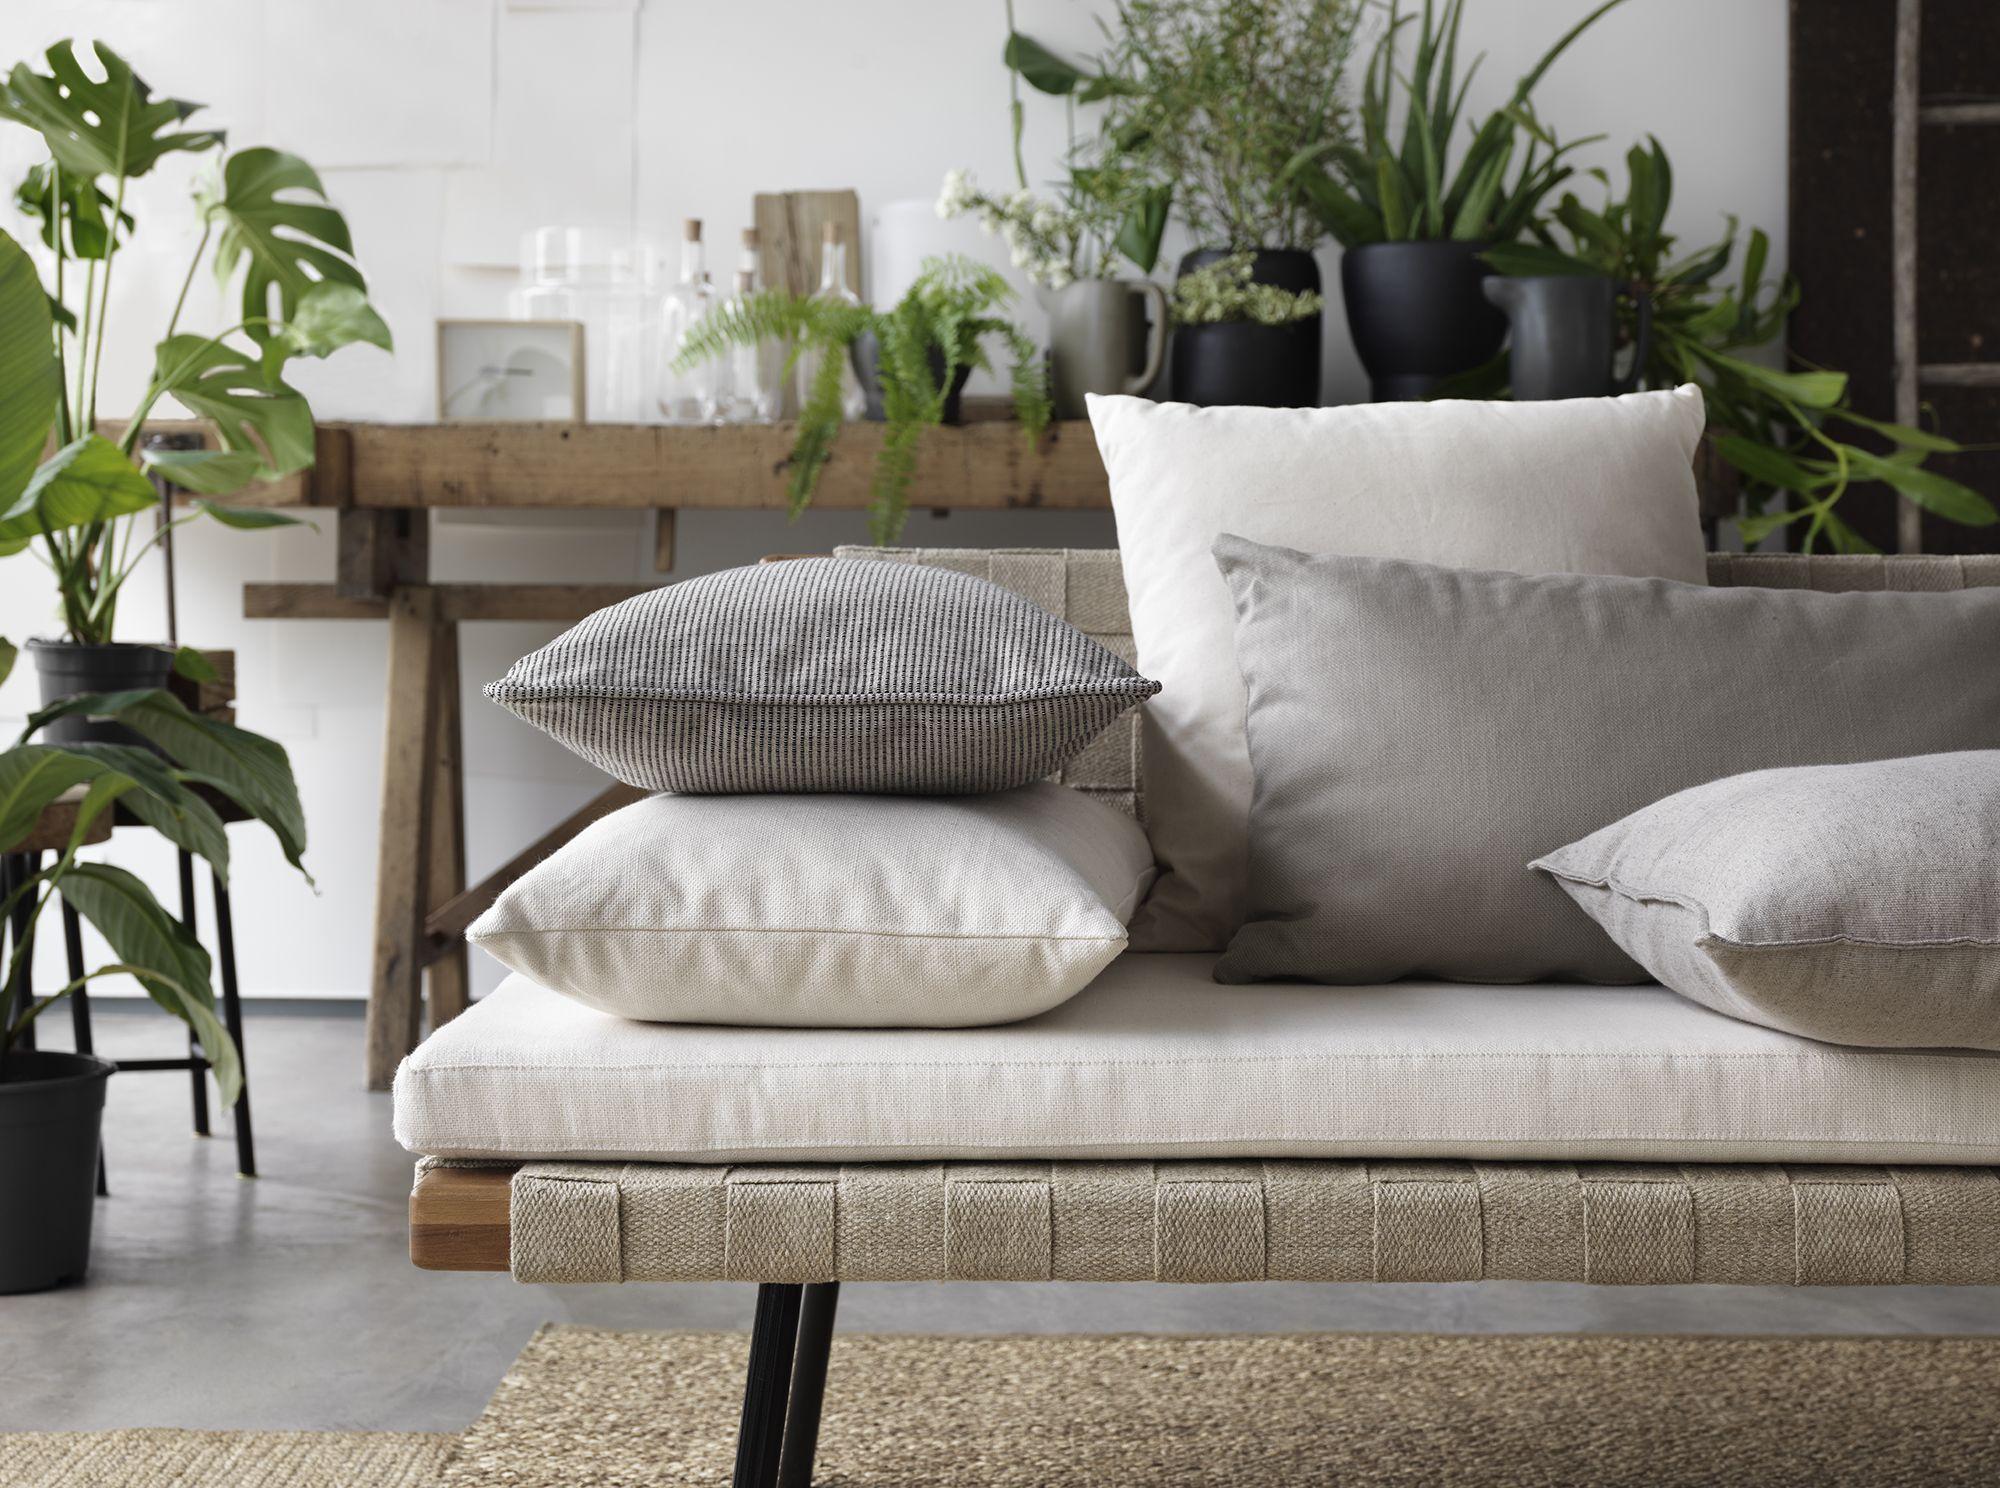 Housses de coussin : IKEA : les nouveautés de l'été 2015 - Journal des Femmes